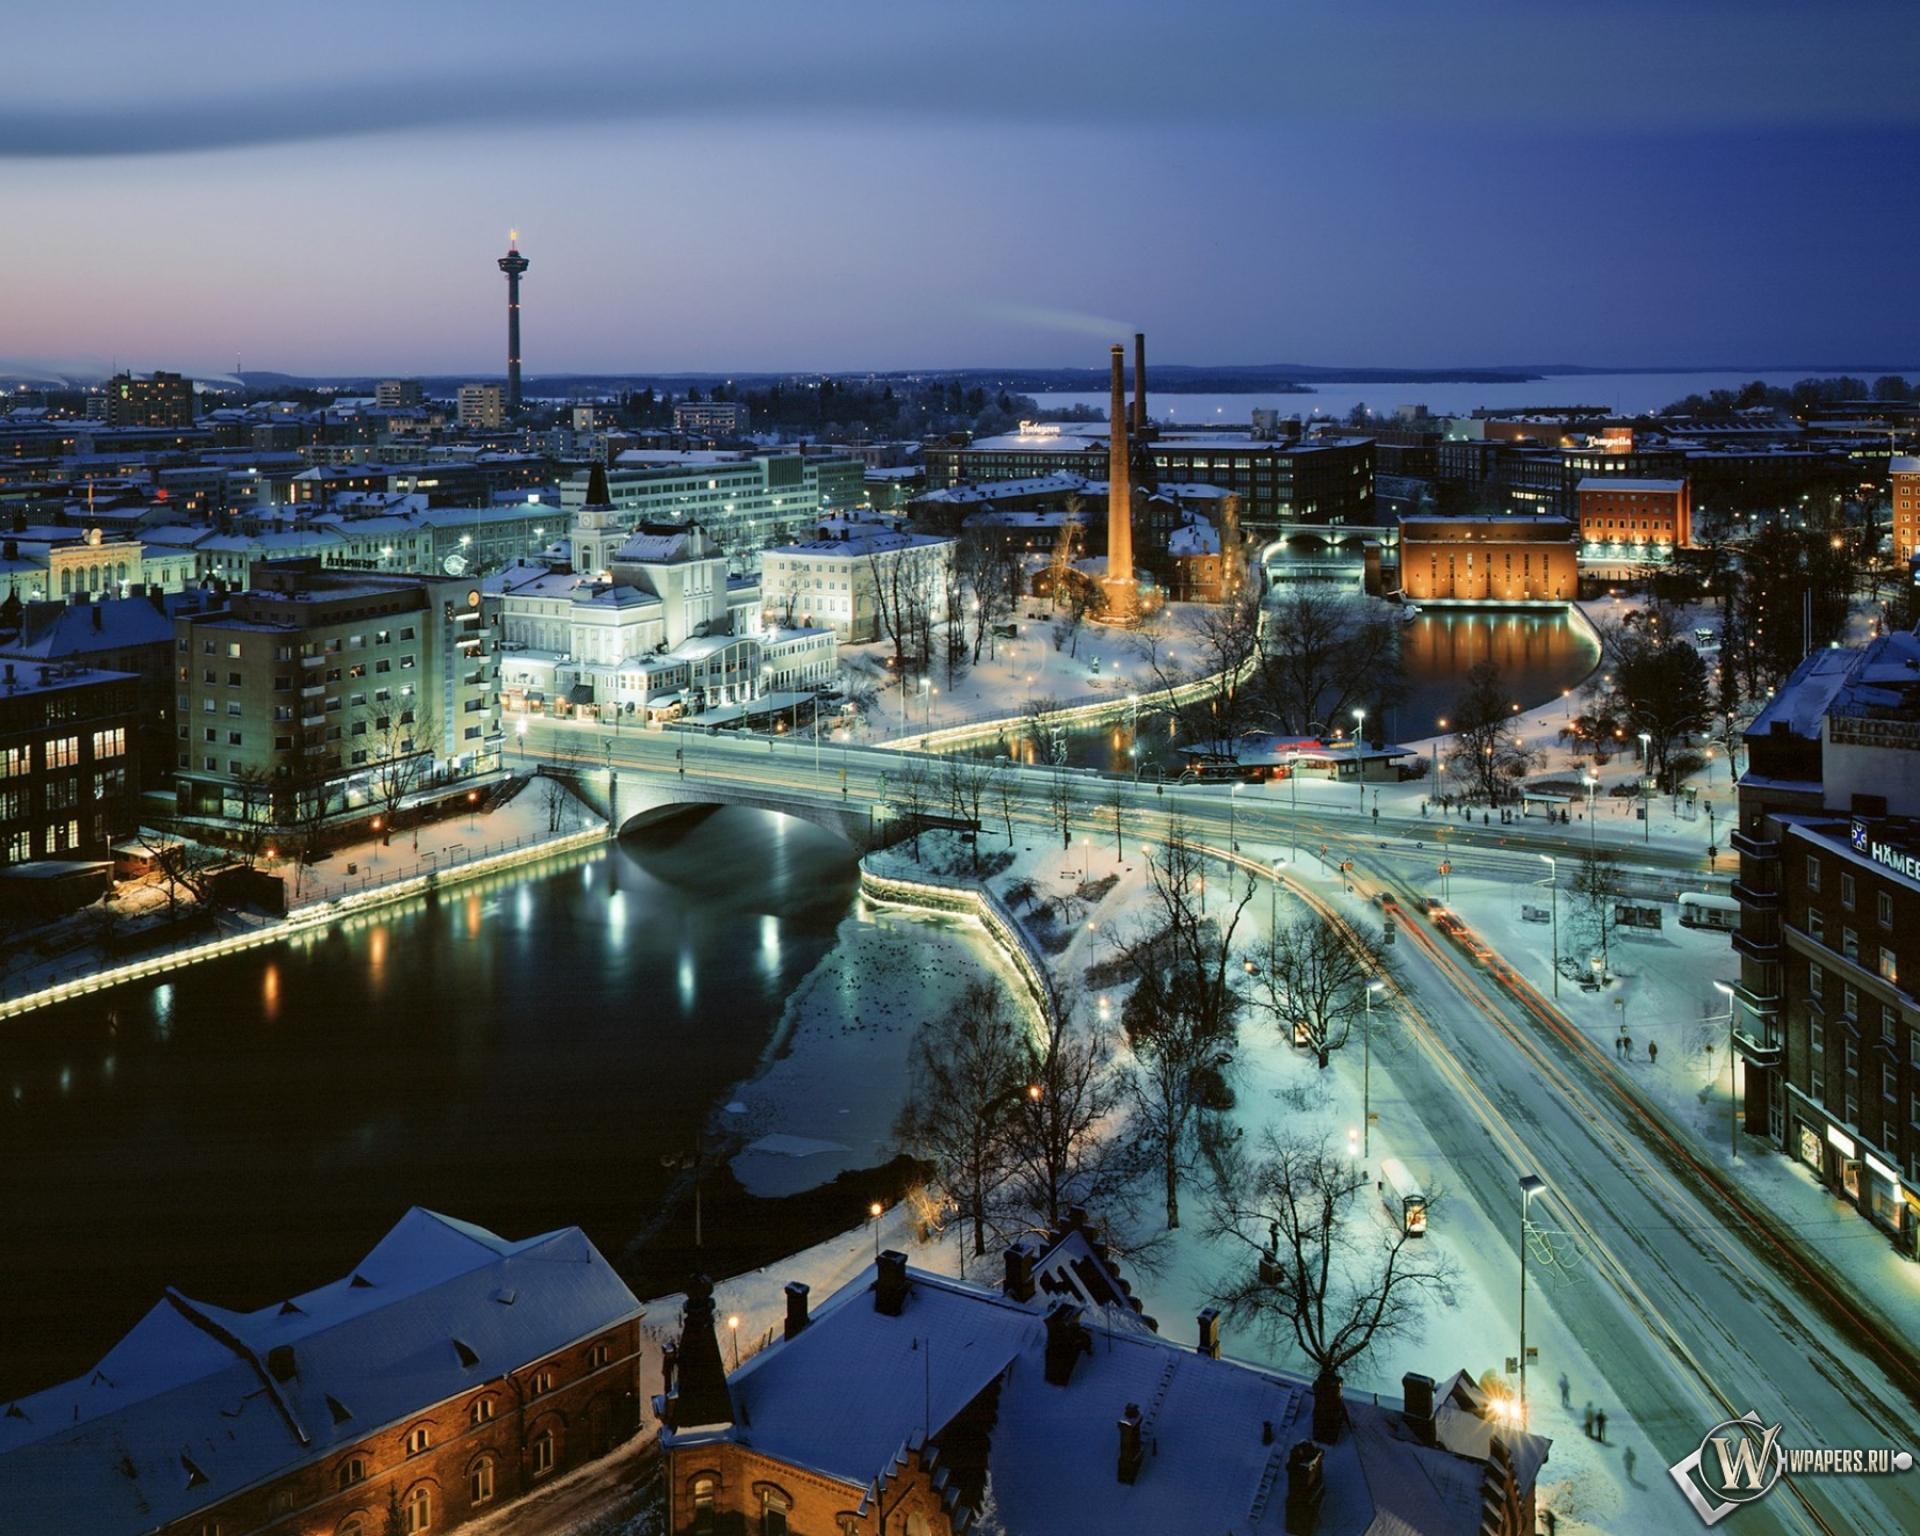 Handy-Wallpaper Landschaft, Städte, Winterreifen, Übernachtung kostenlos herunterladen.